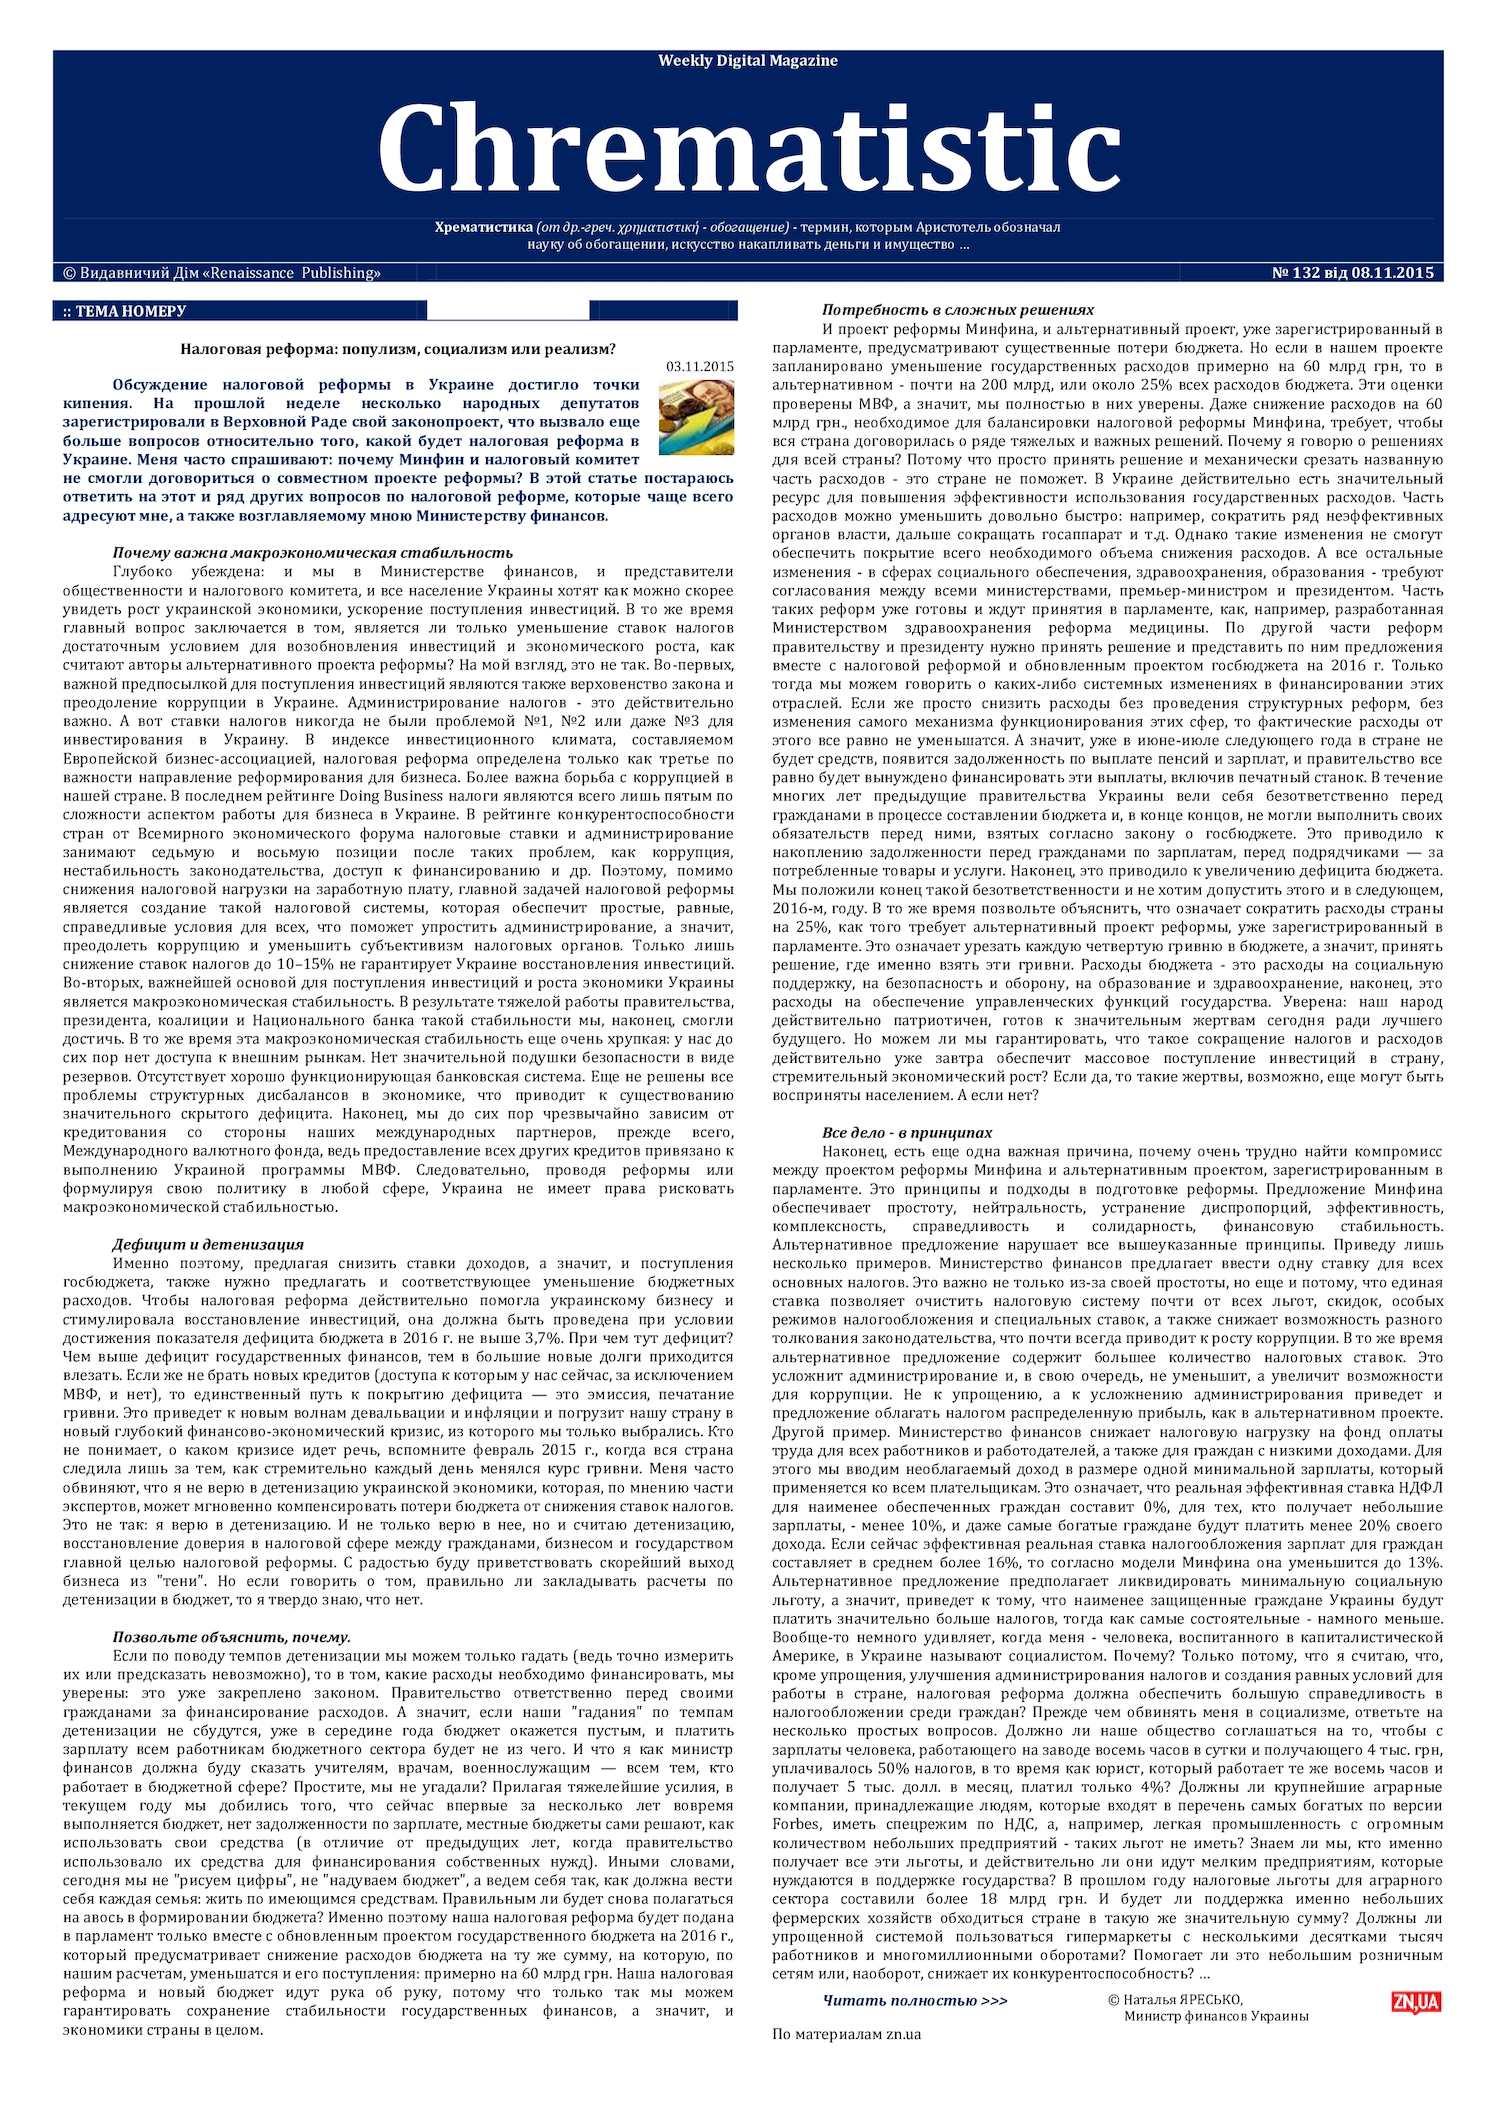 Calaméo - №132 Wdm «Chrematistic» от 08 11 2015 b372a2ac89c4c